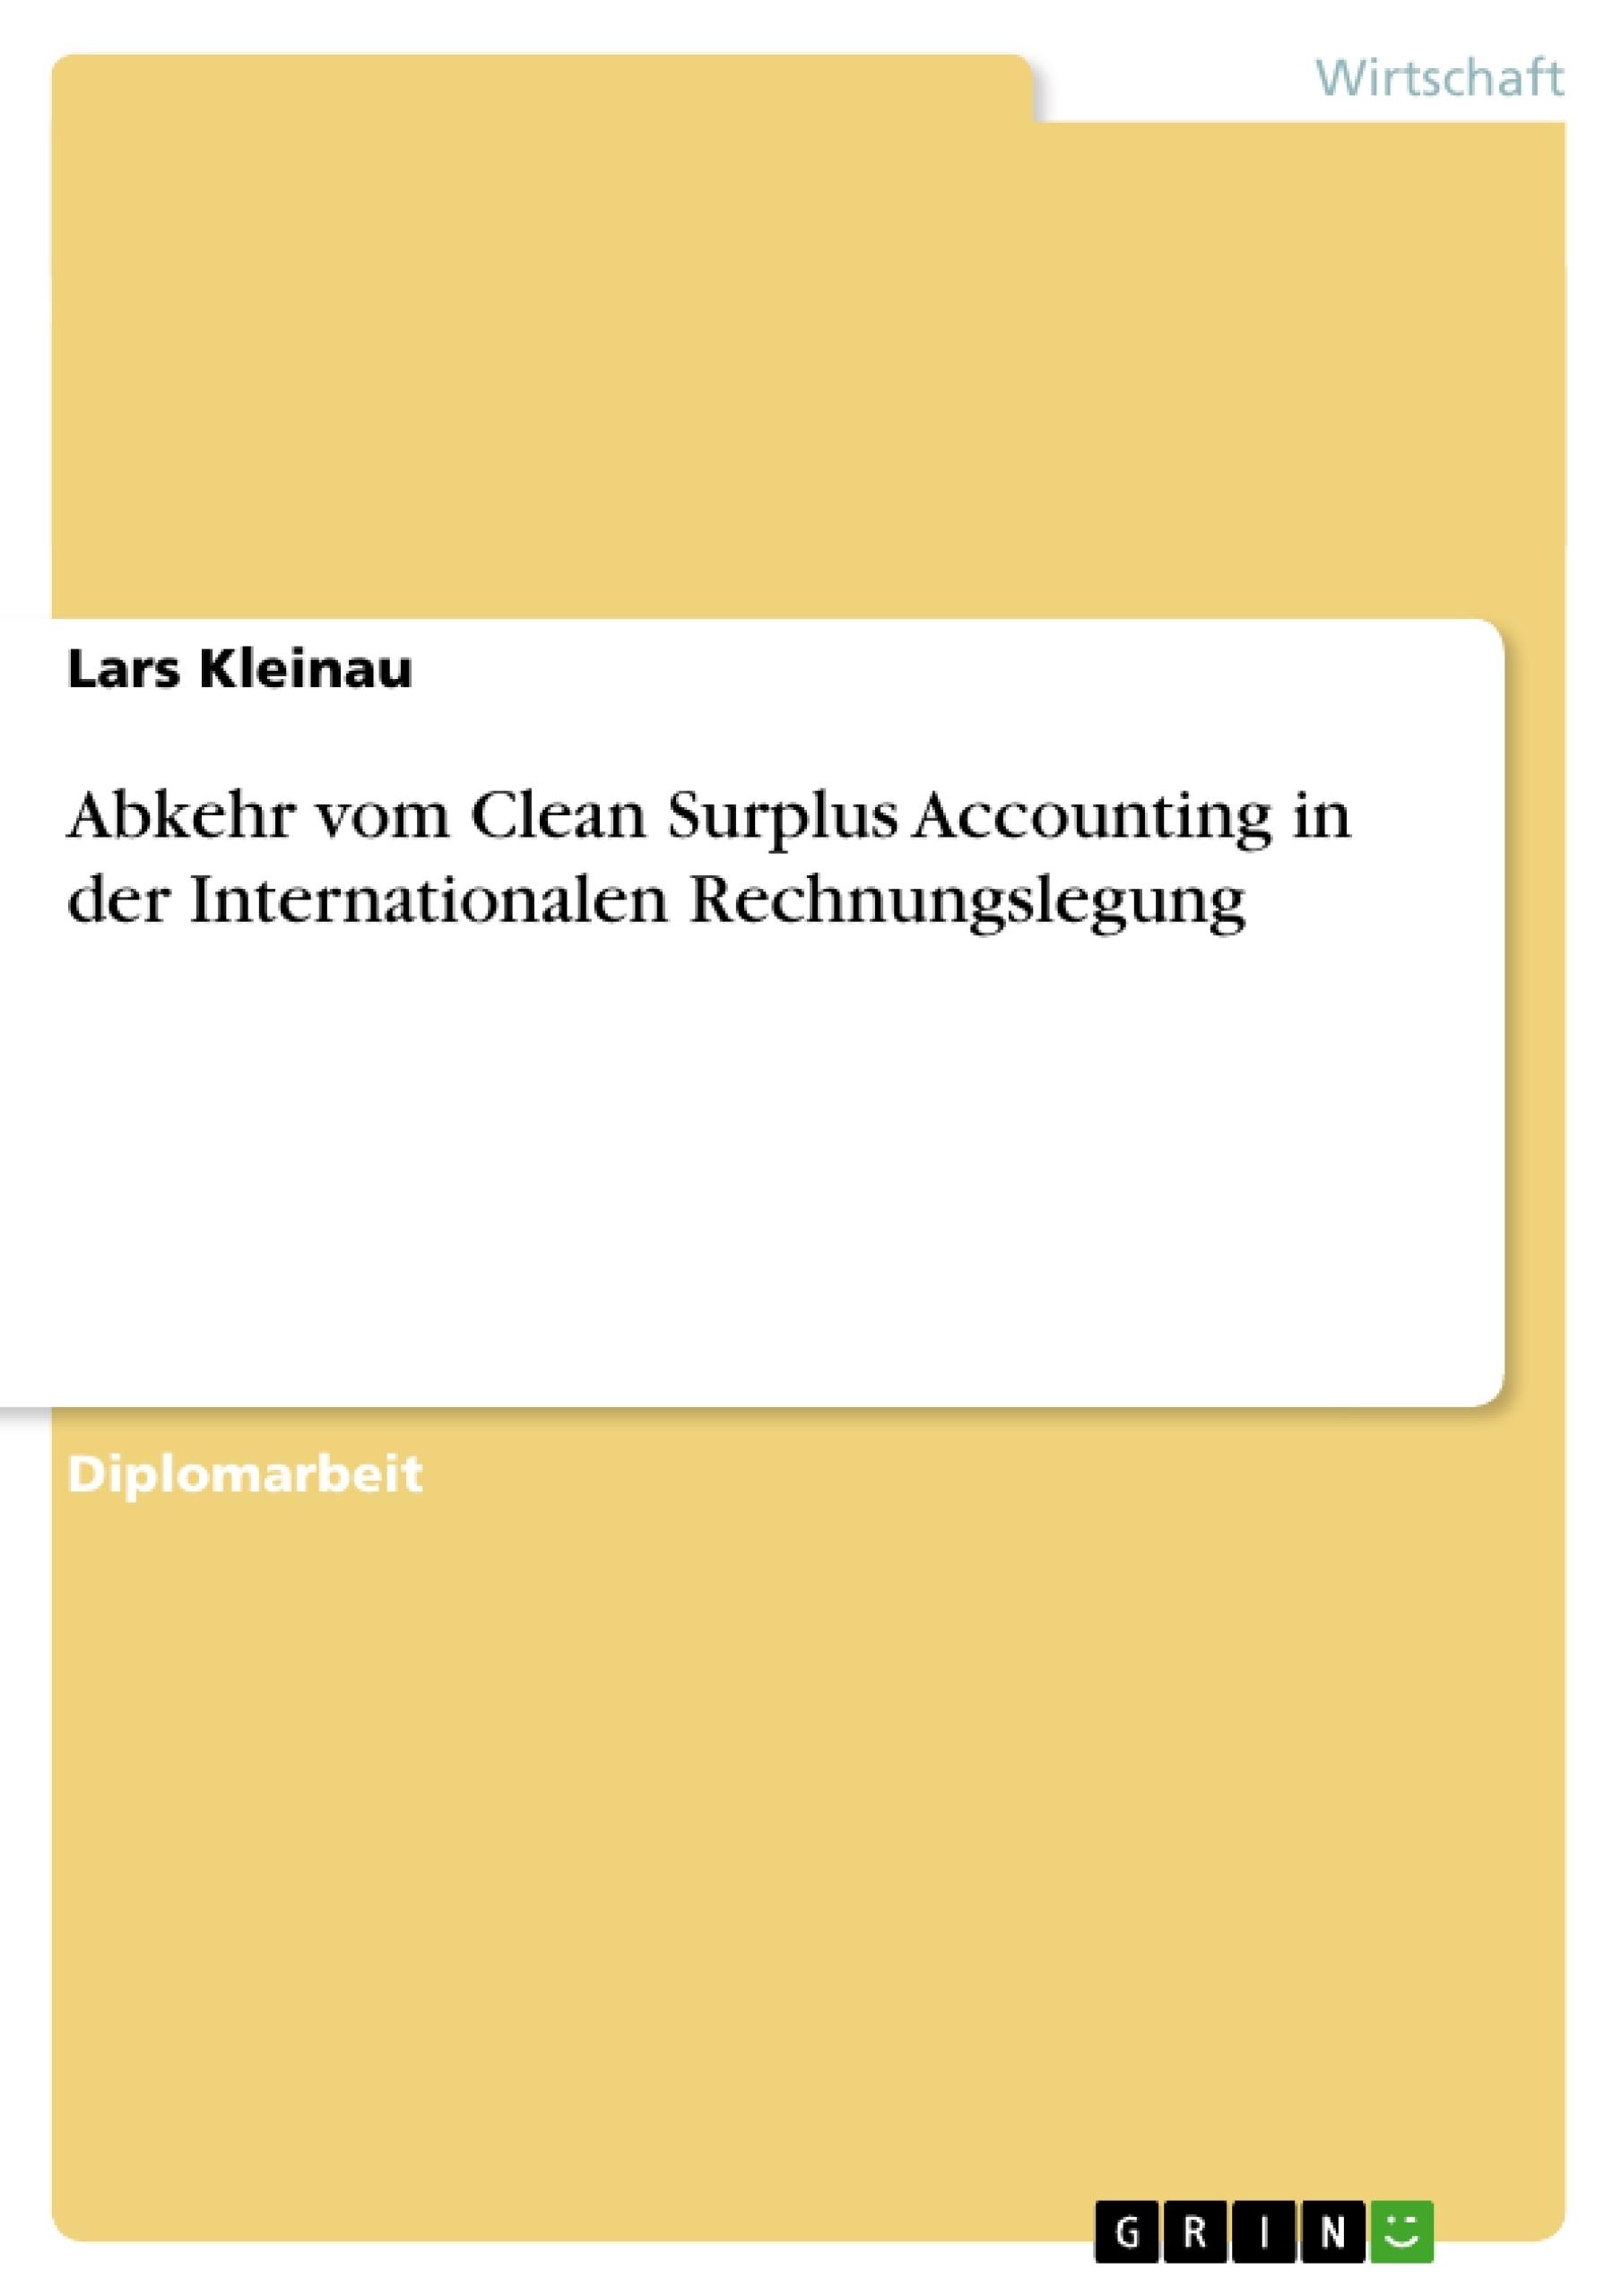 Titel: Abkehr vom Clean Surplus Accounting in der Internationalen Rechnungslegung